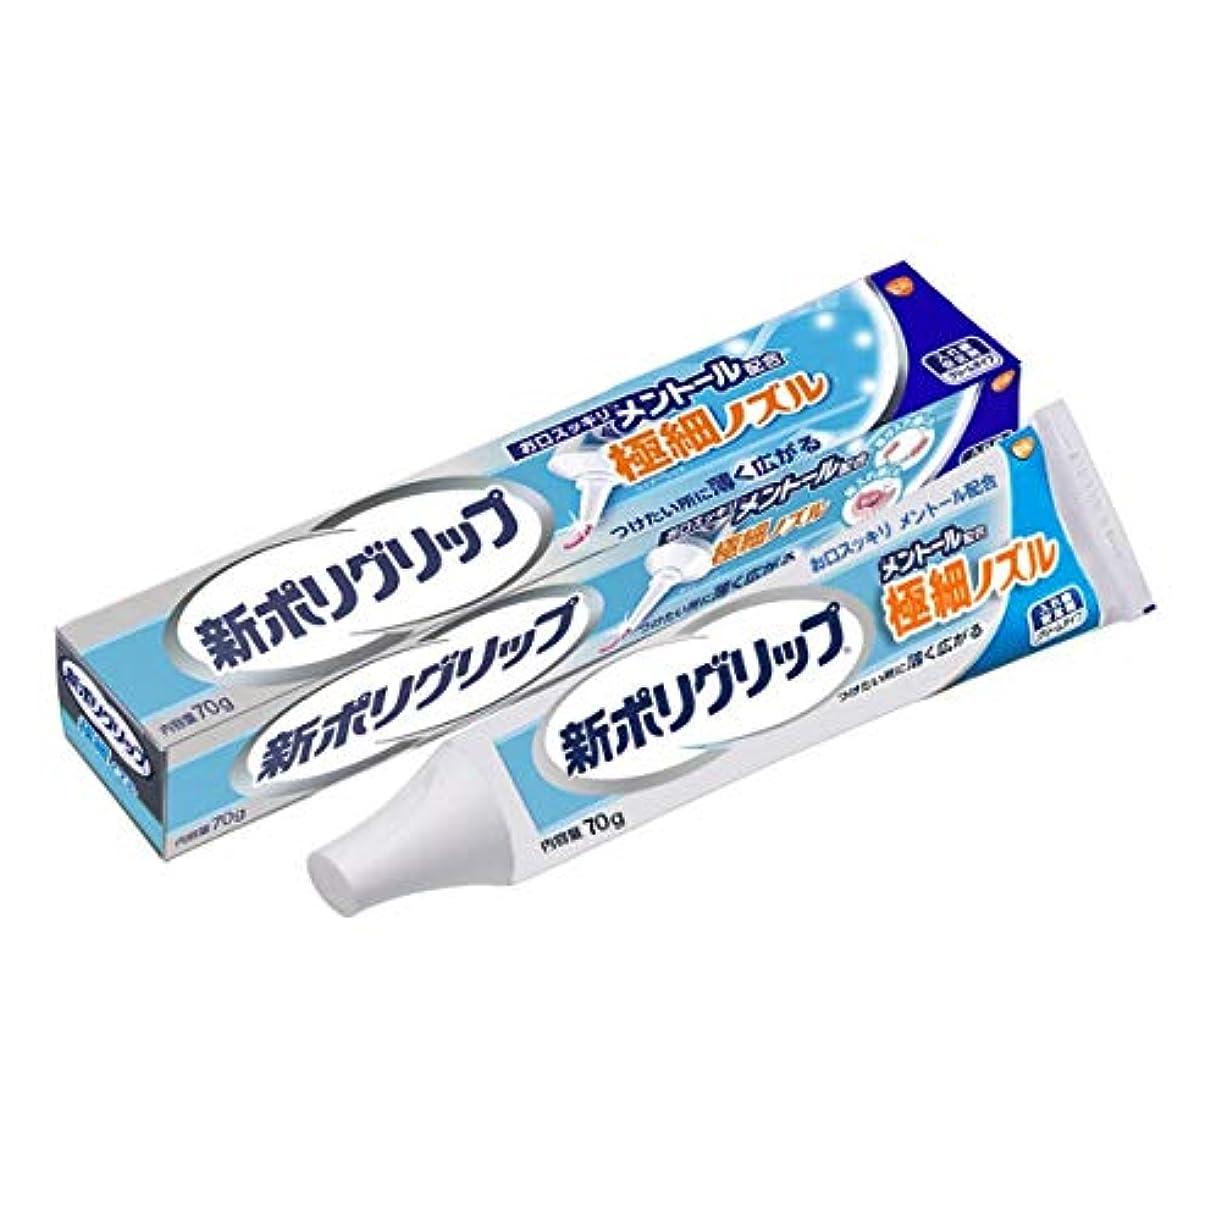 胴体好きであるマーク部分?総入れ歯安定剤 新ポリグリップ極細ノズル メントール 70g